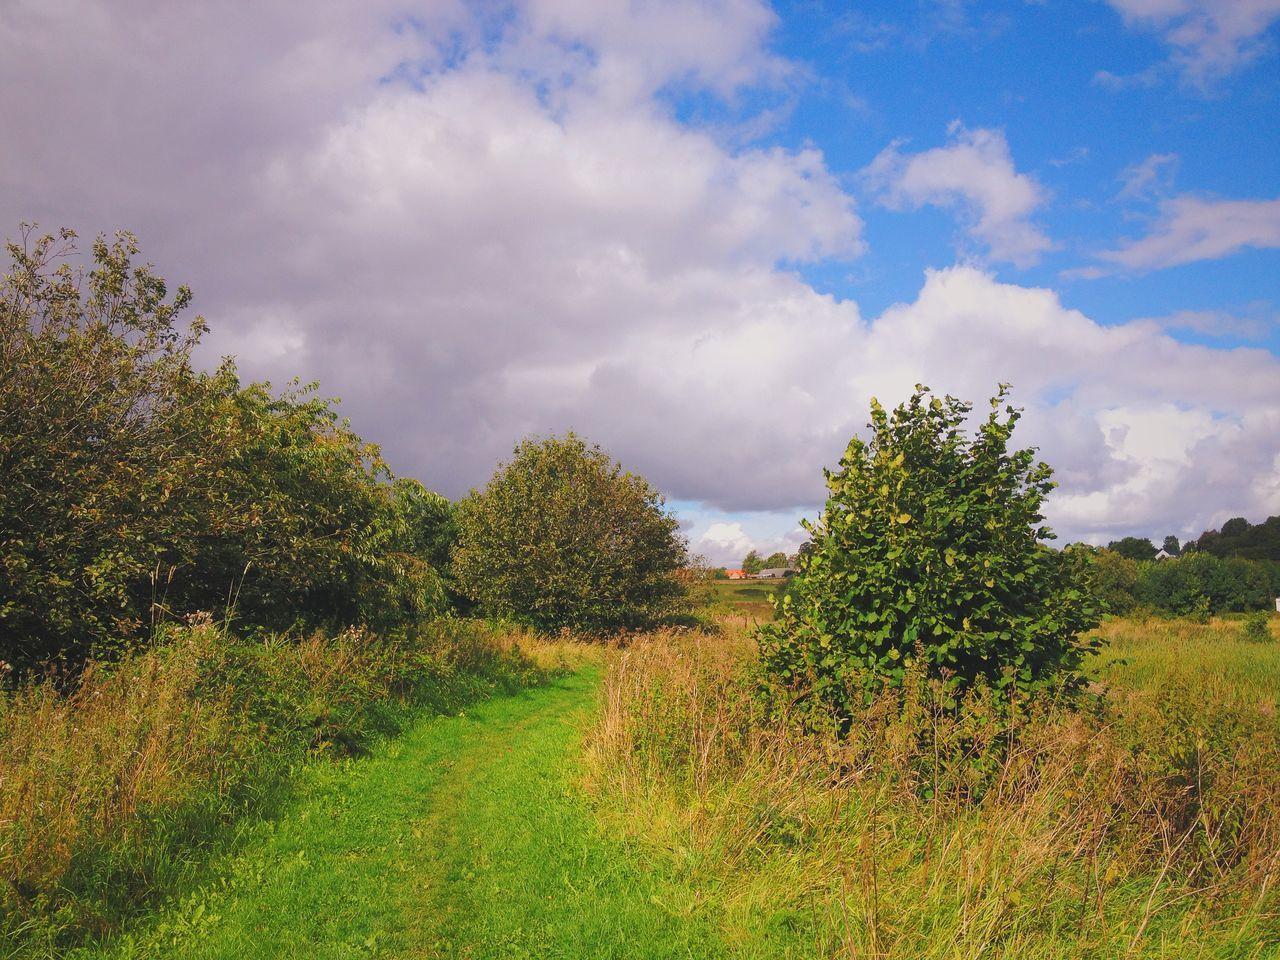 Forest path. Near Tilst, Aarhus, Denmark. Forest Paths Tilst Aarhus Denmark